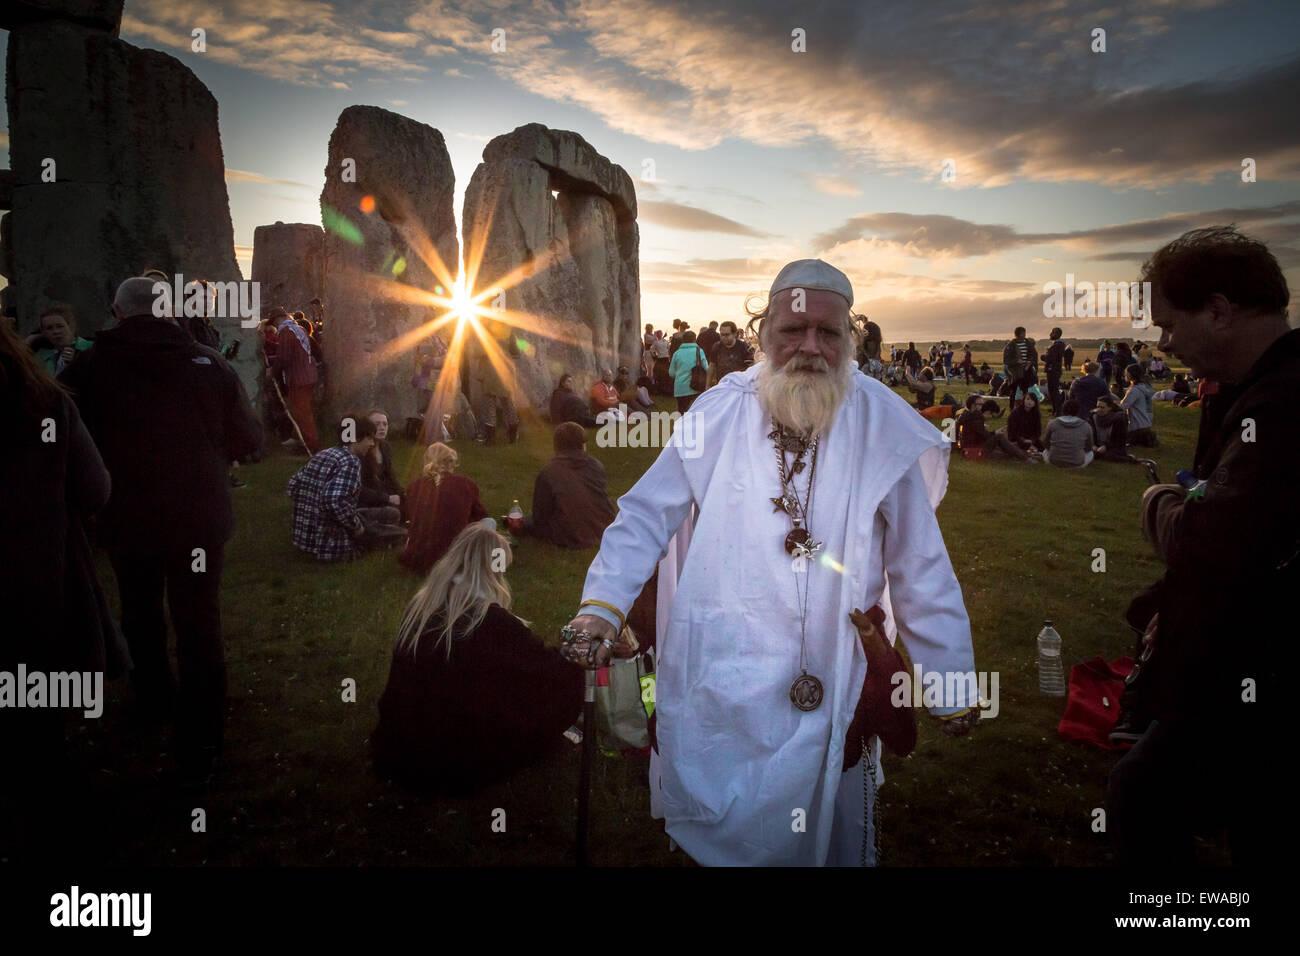 Avebury, Reino Unido. 21 de junio de 2015. El solsticio de verano en Stonehenge Crédito: Guy Corbishley/Alamy Imagen De Stock